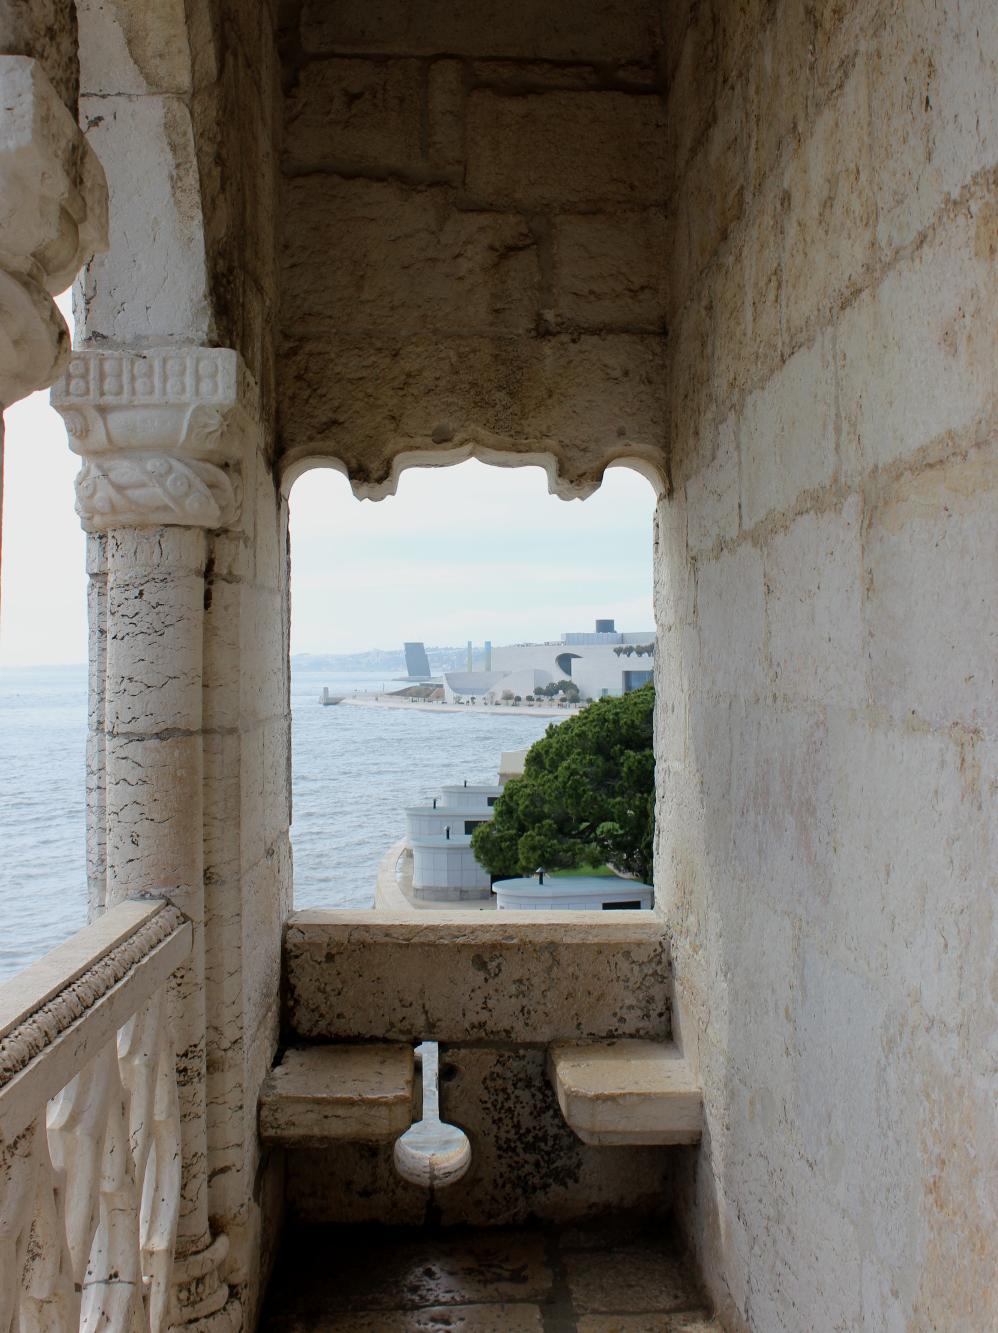 Lissabon Lisbon Lisboa Travel Diary Reise Bericht Tipps Torre de Belem Tower Kings Room Balcony